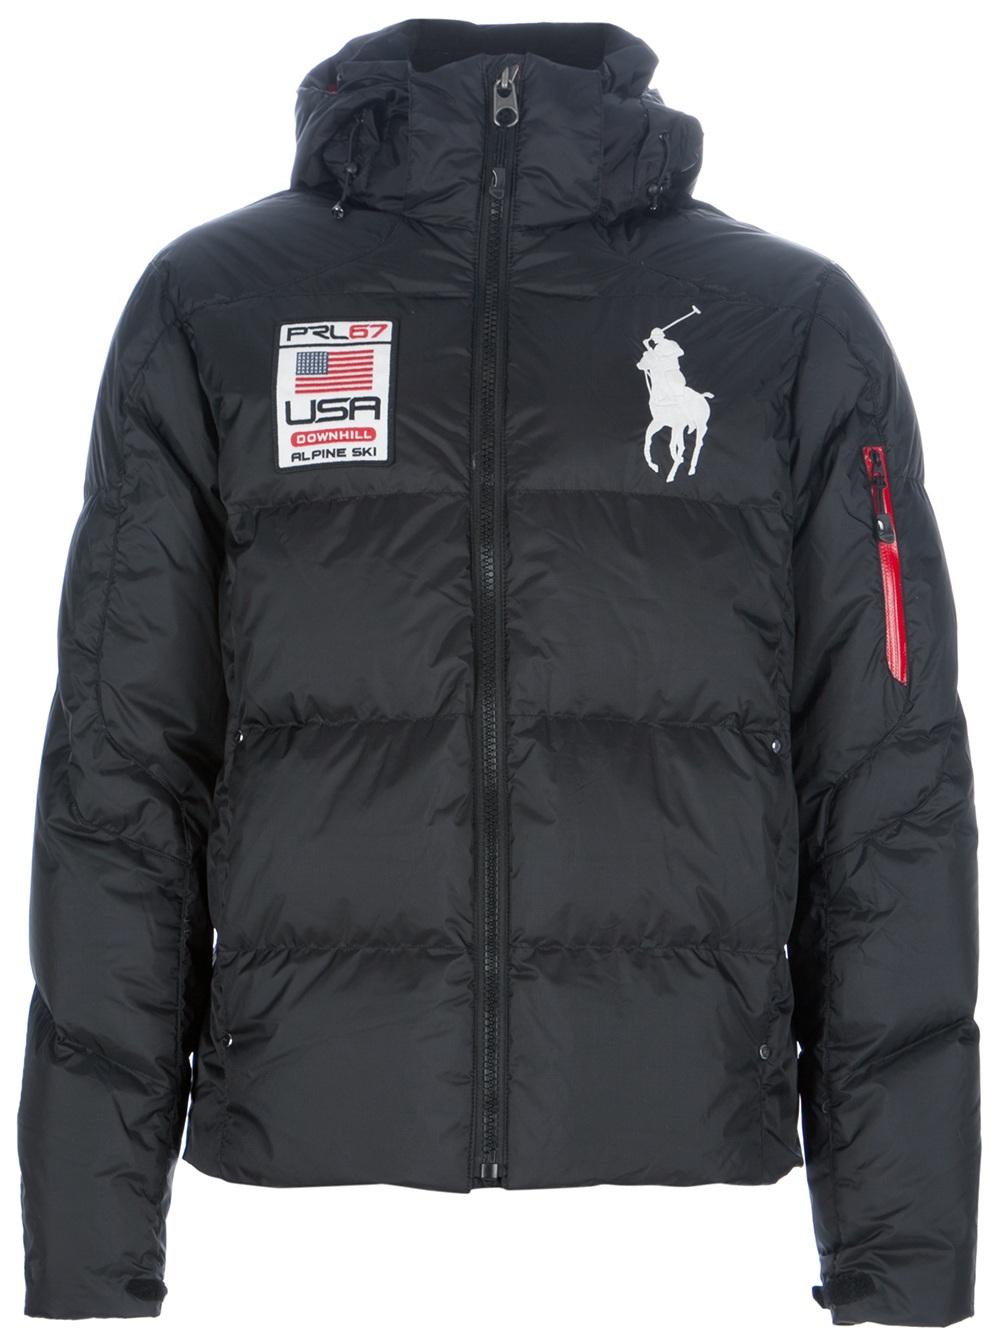 Polo Ralph Lauren Hooded Padded Jacket In Black For Men Lyst